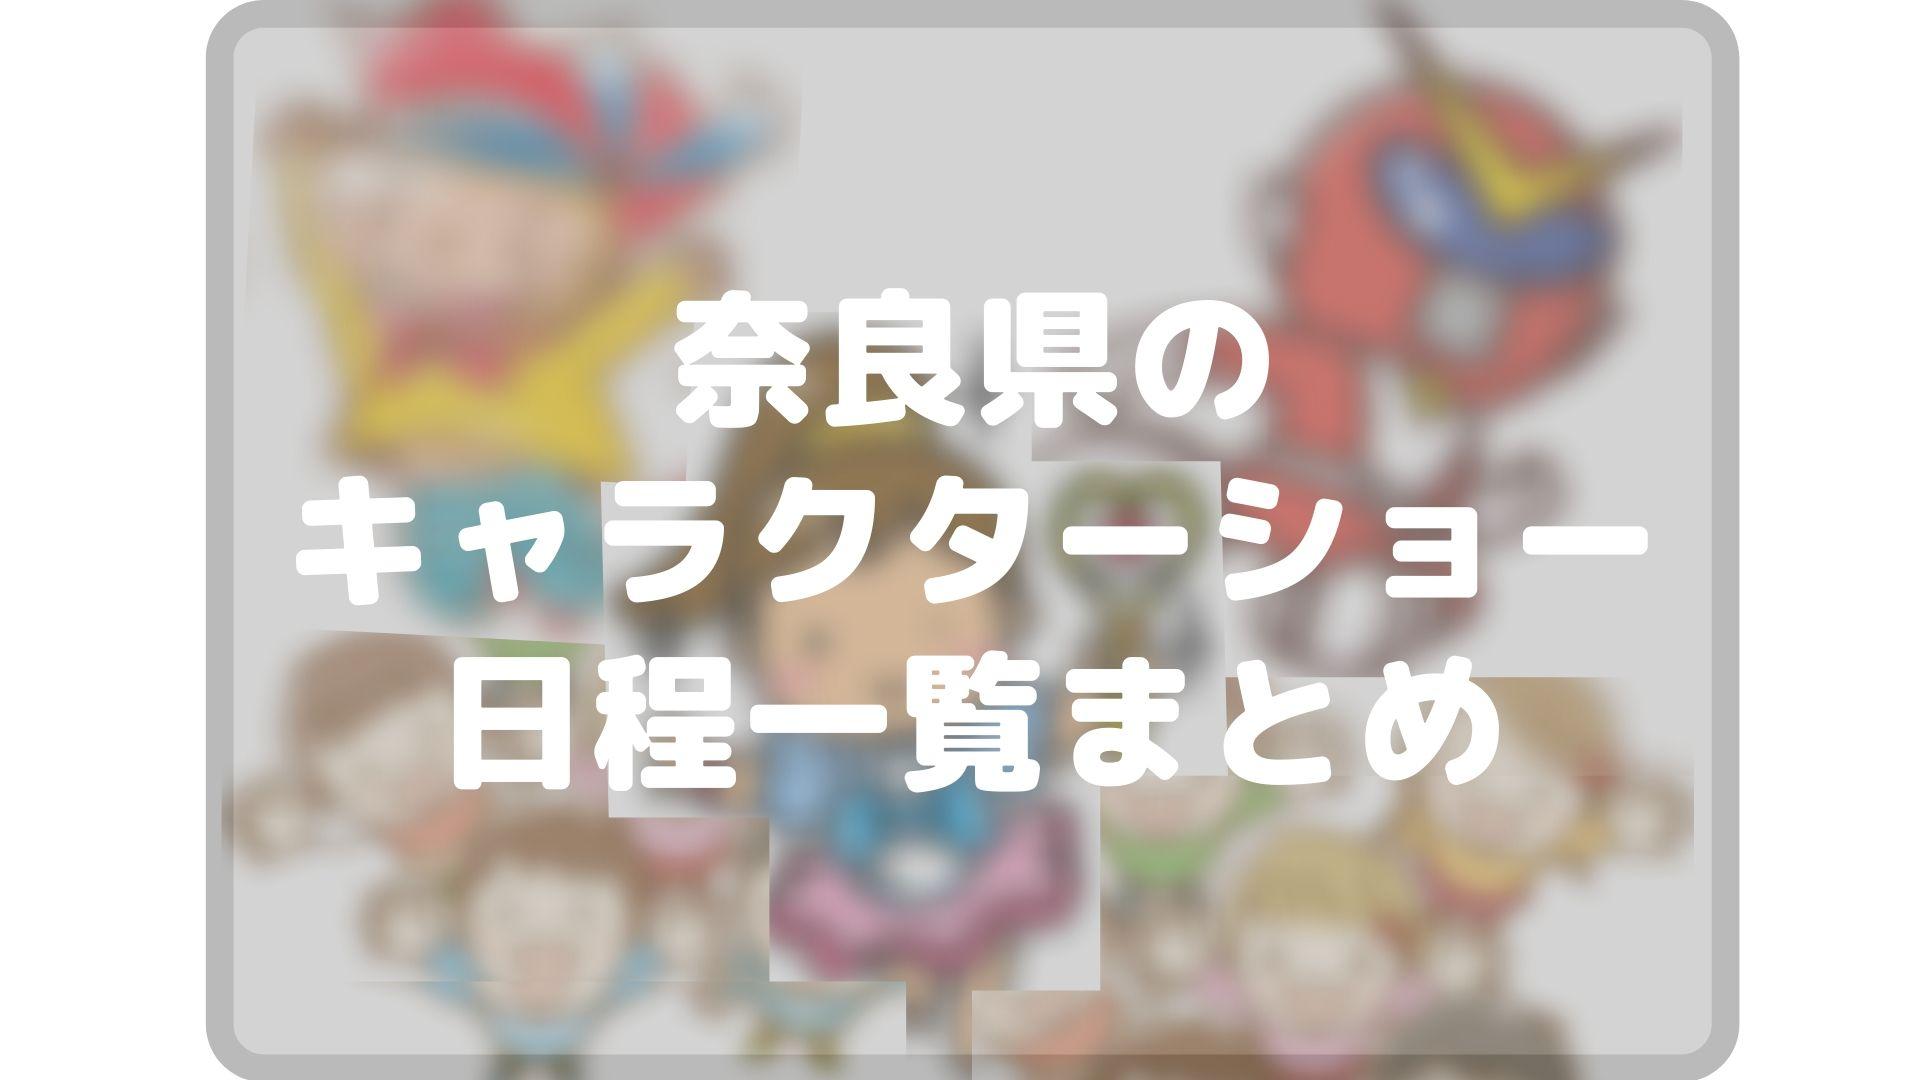 奈良県のキャラクターショーまとめタイトル画像